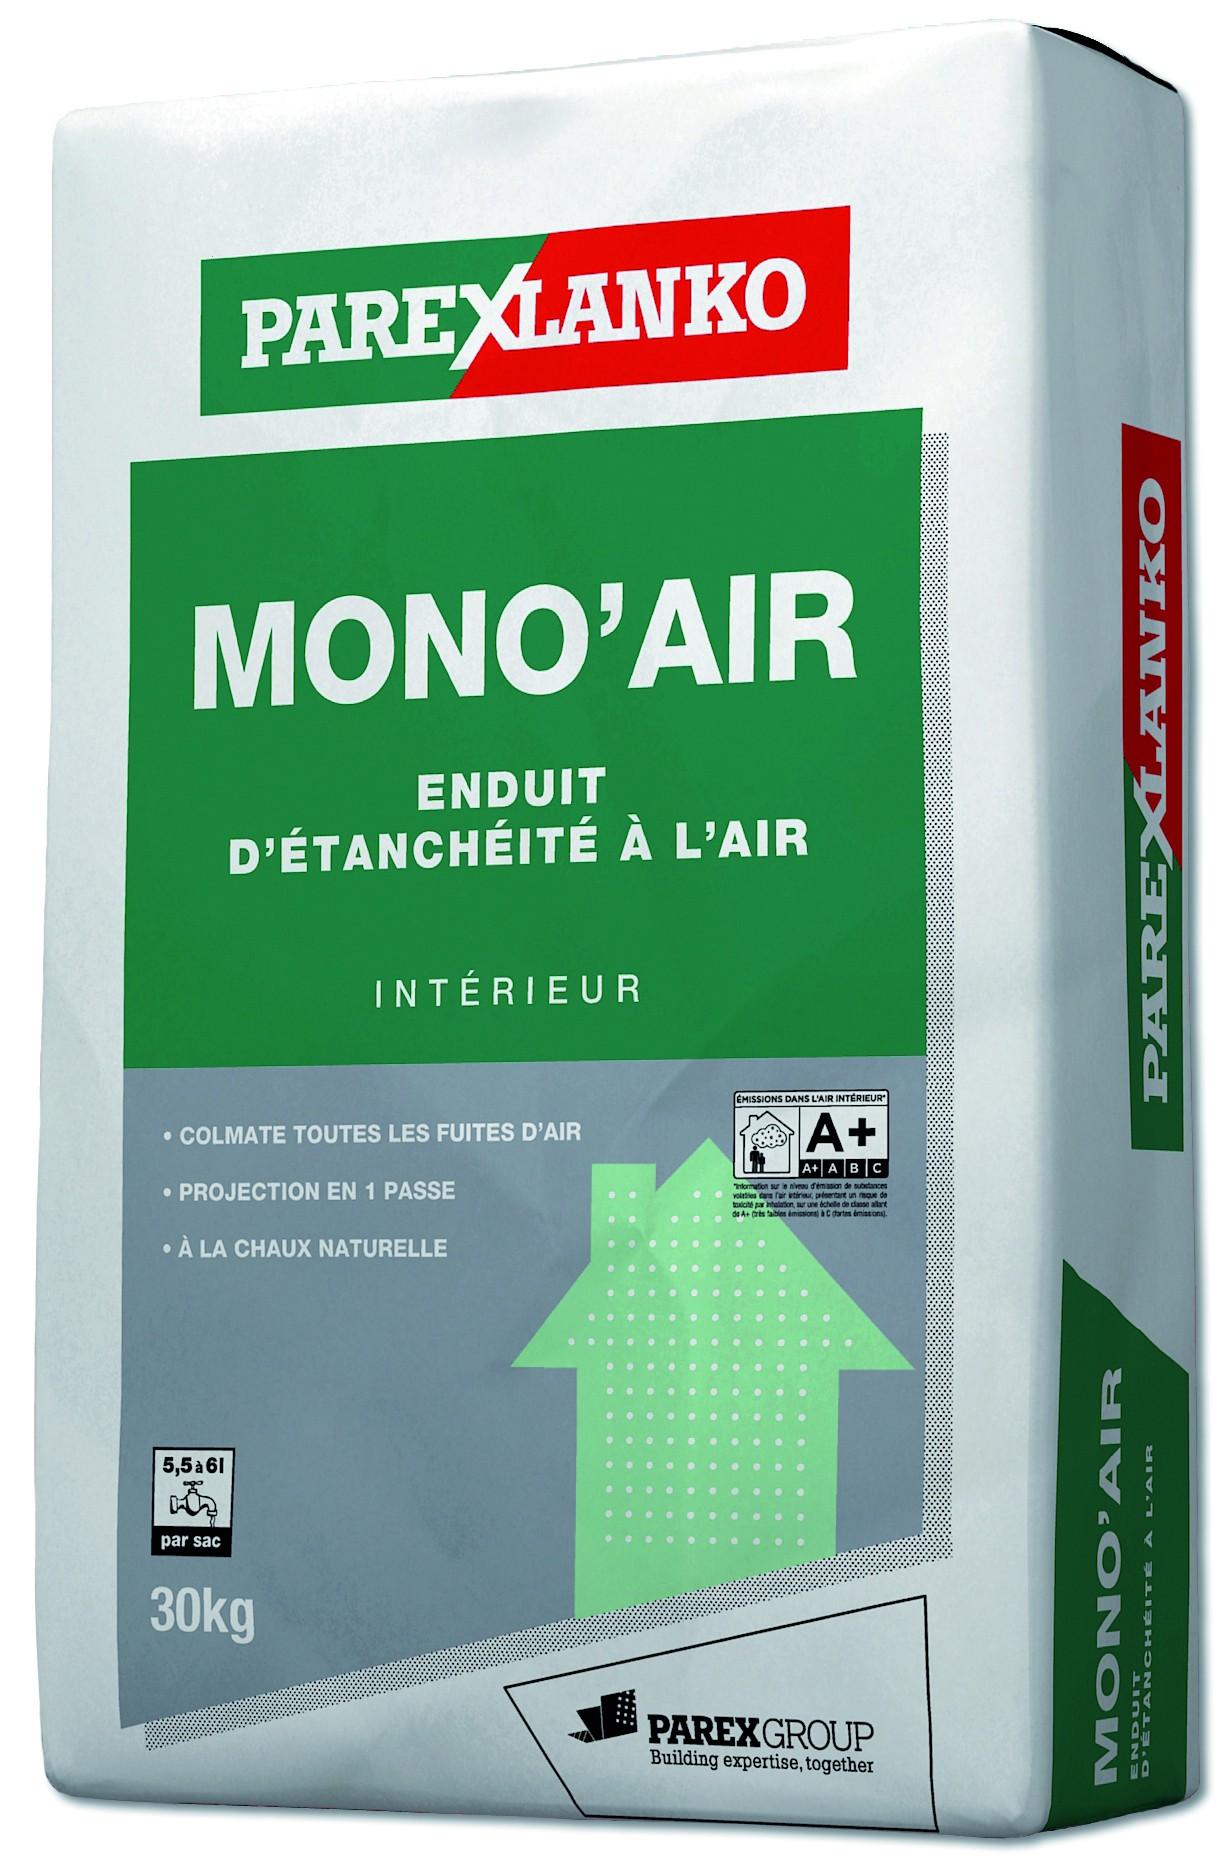 Enduit d'étanchéité à l'air en intérieur Mono Air Parexlanko